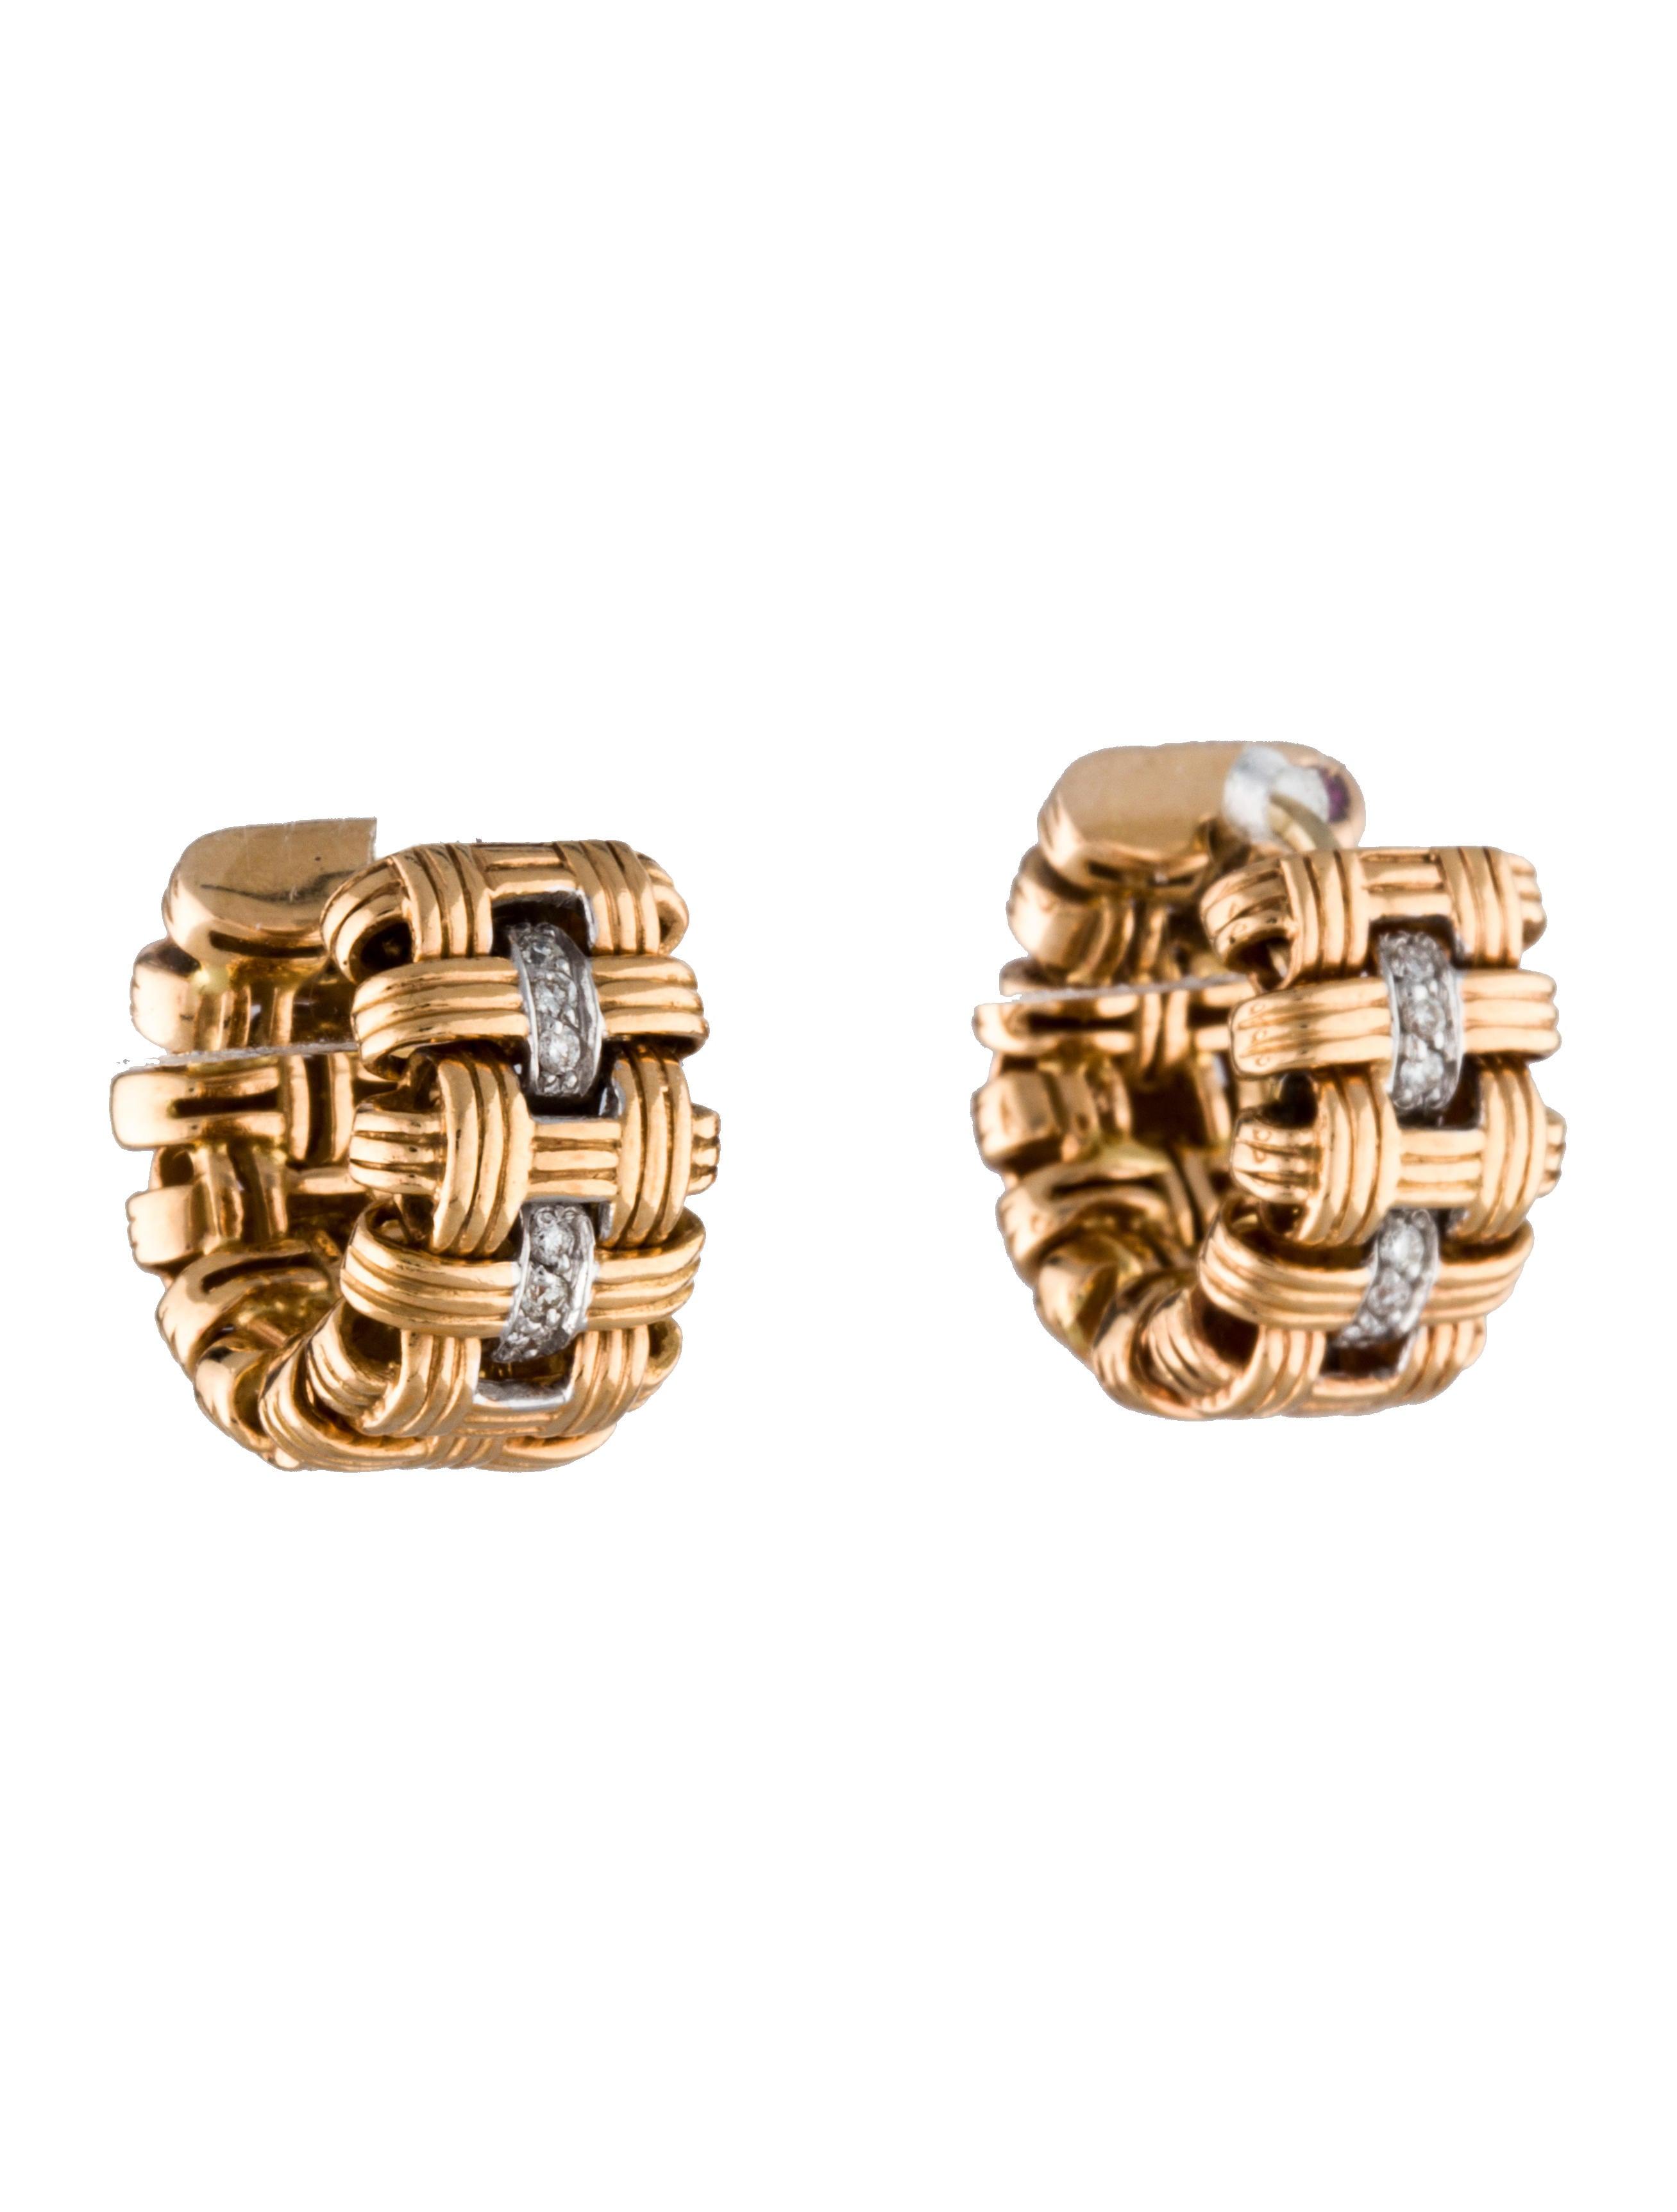 Basket Weaving Jewelry : Roberto coin basket weave earrings roe